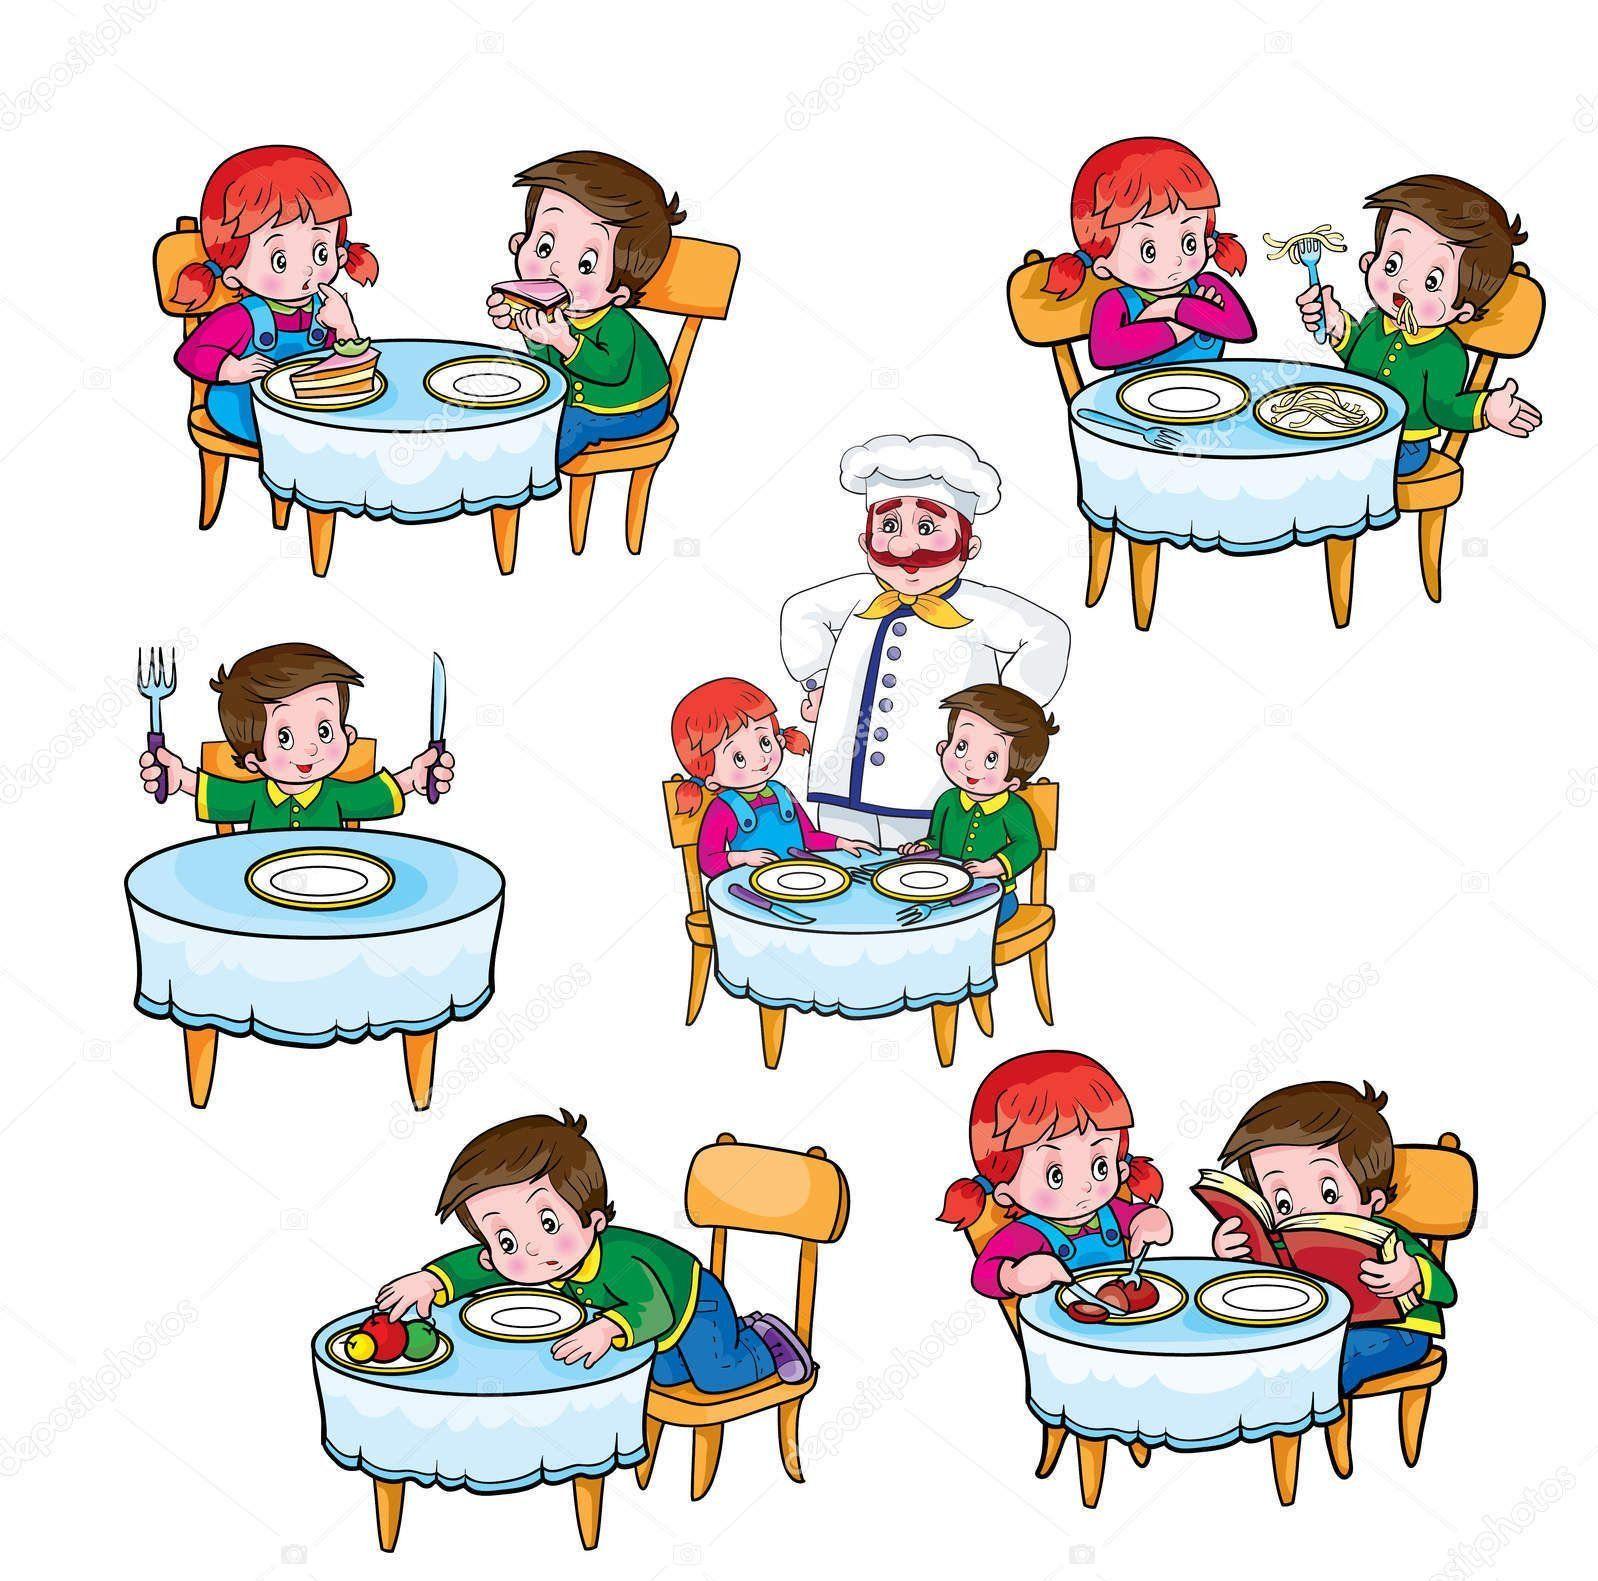 Этикет за столом для детей в картинках (35 ФОТО ...